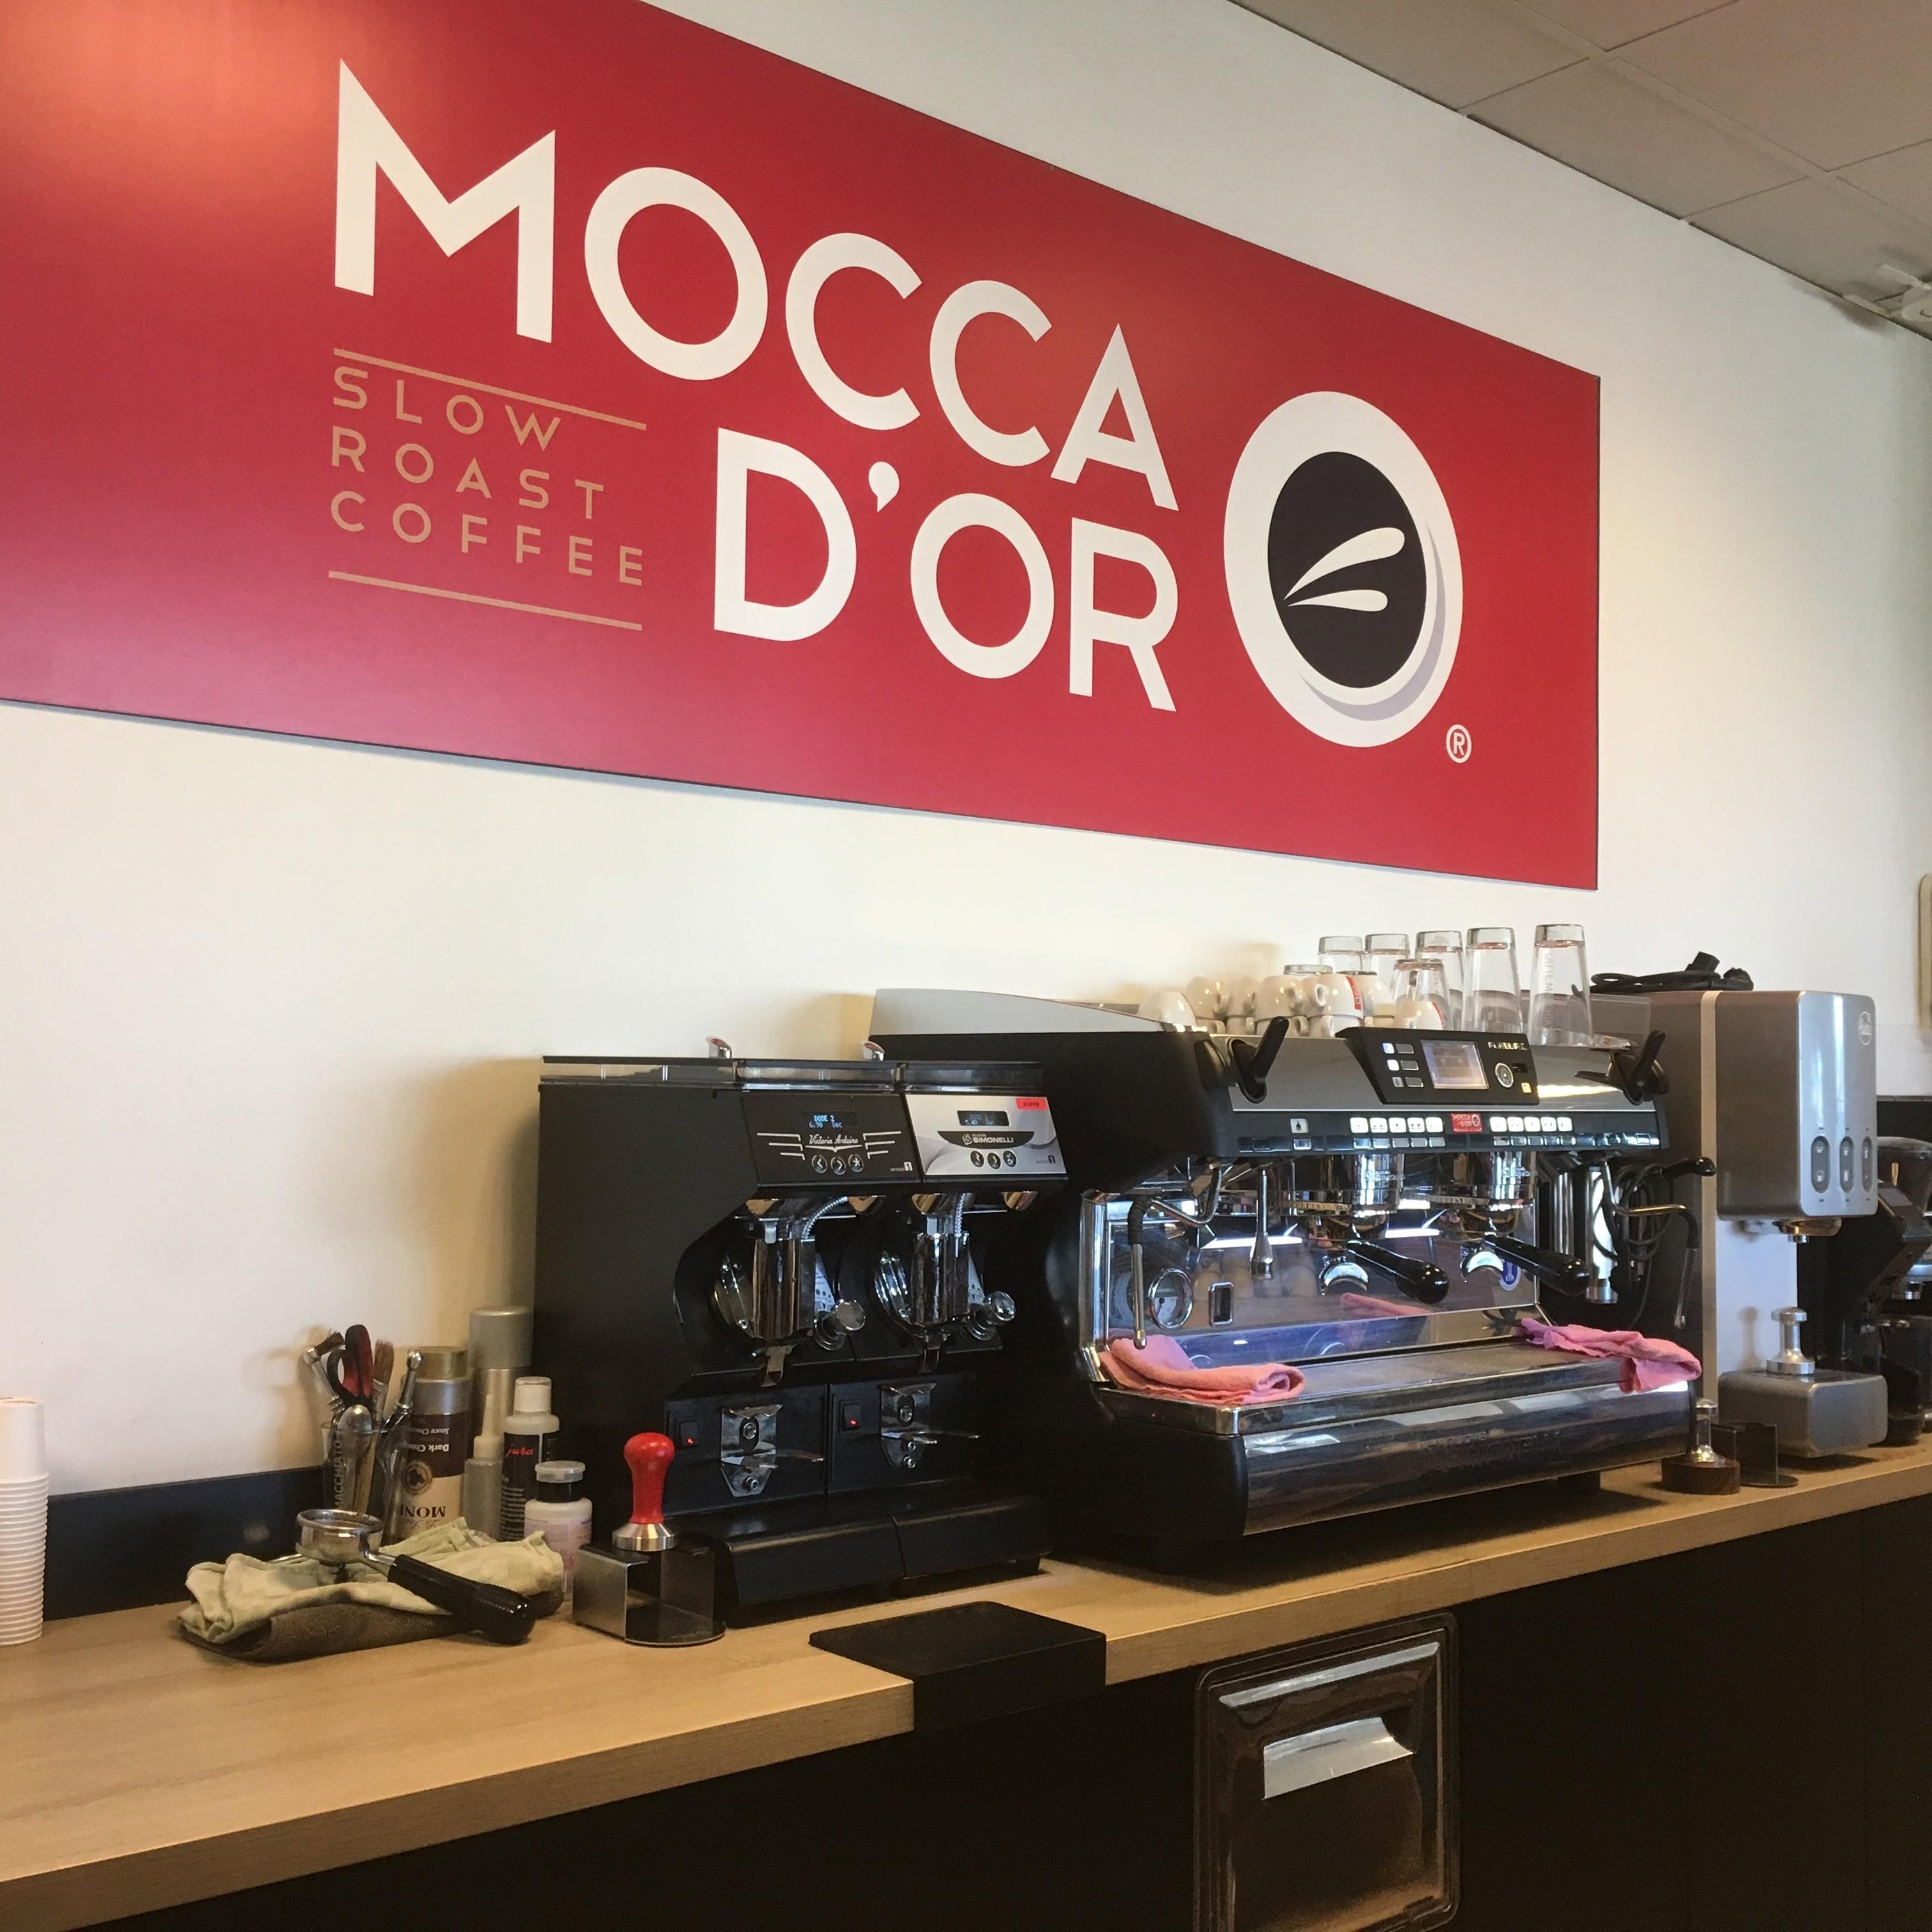 BELT domotica horeca Mocca Dor Koffie BELT installatietechniek